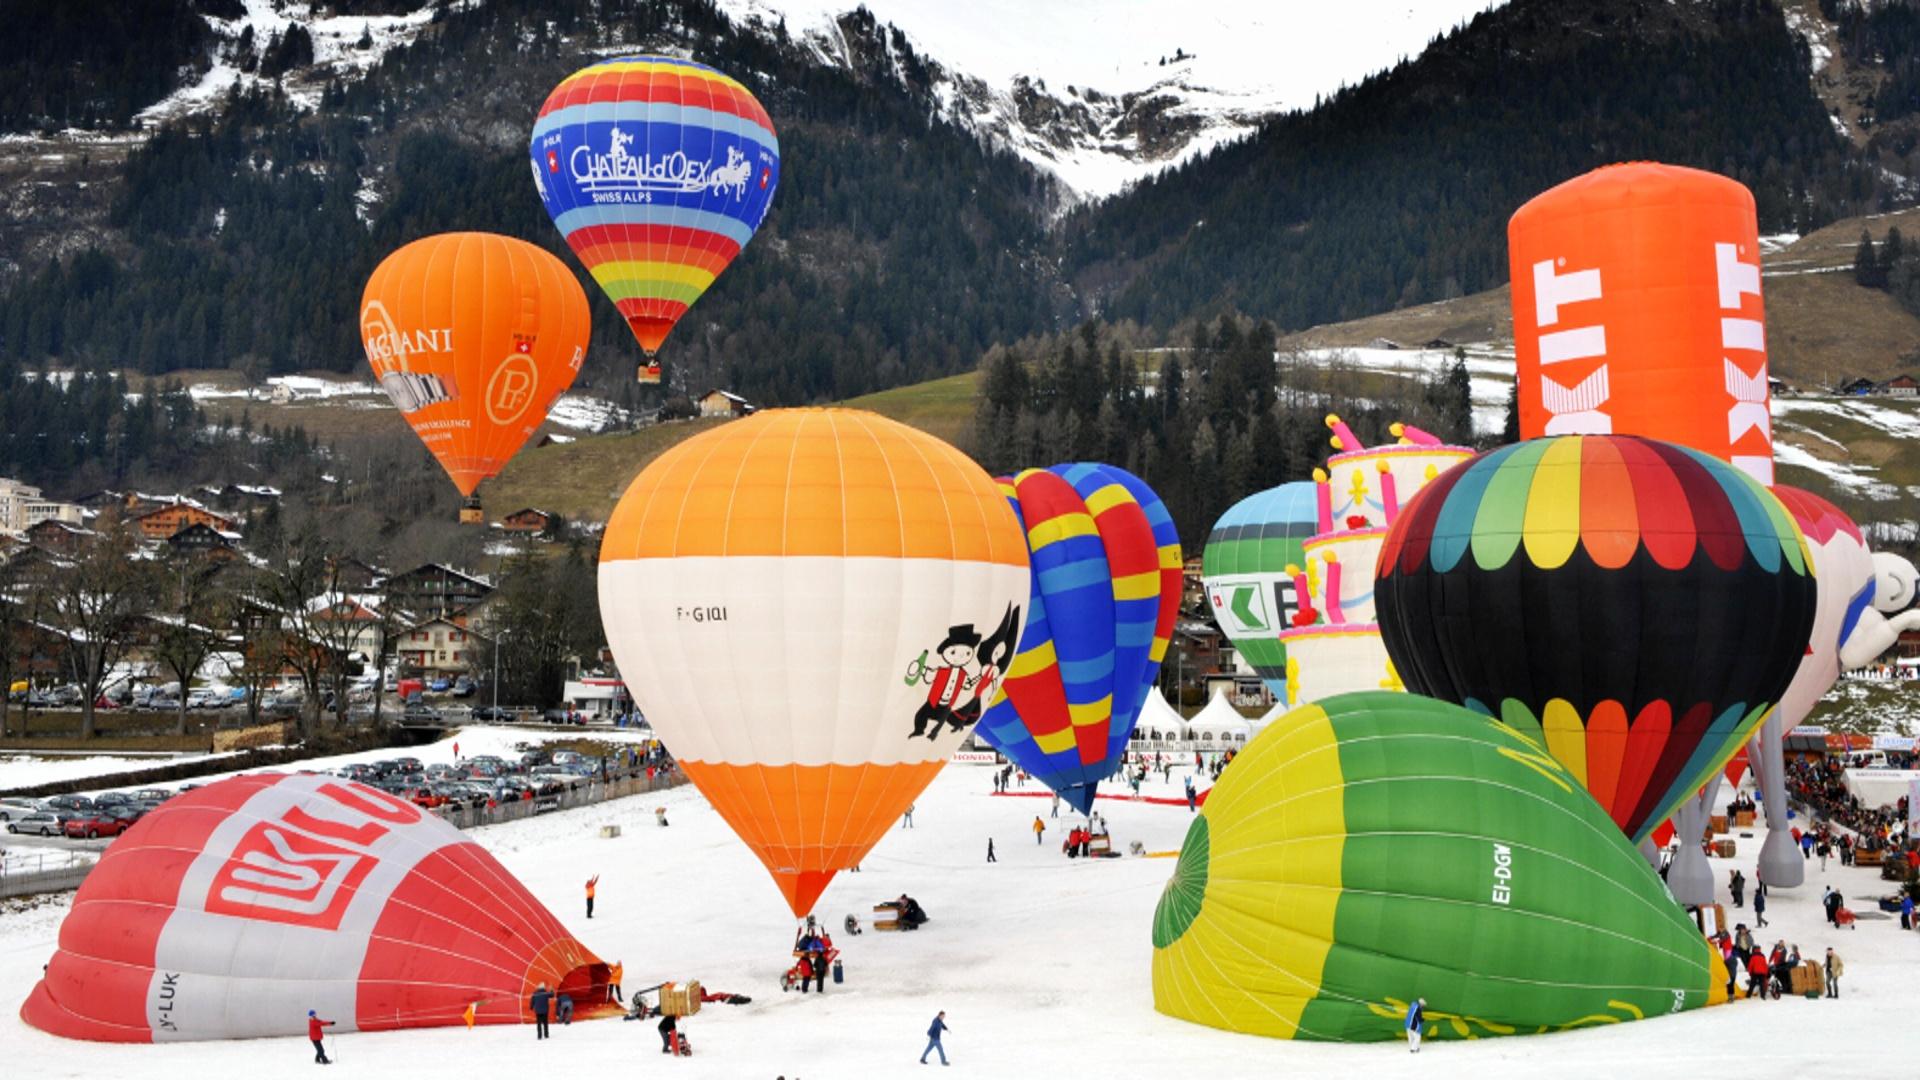 В небо над Альпами взмыли десятки воздушных шаров